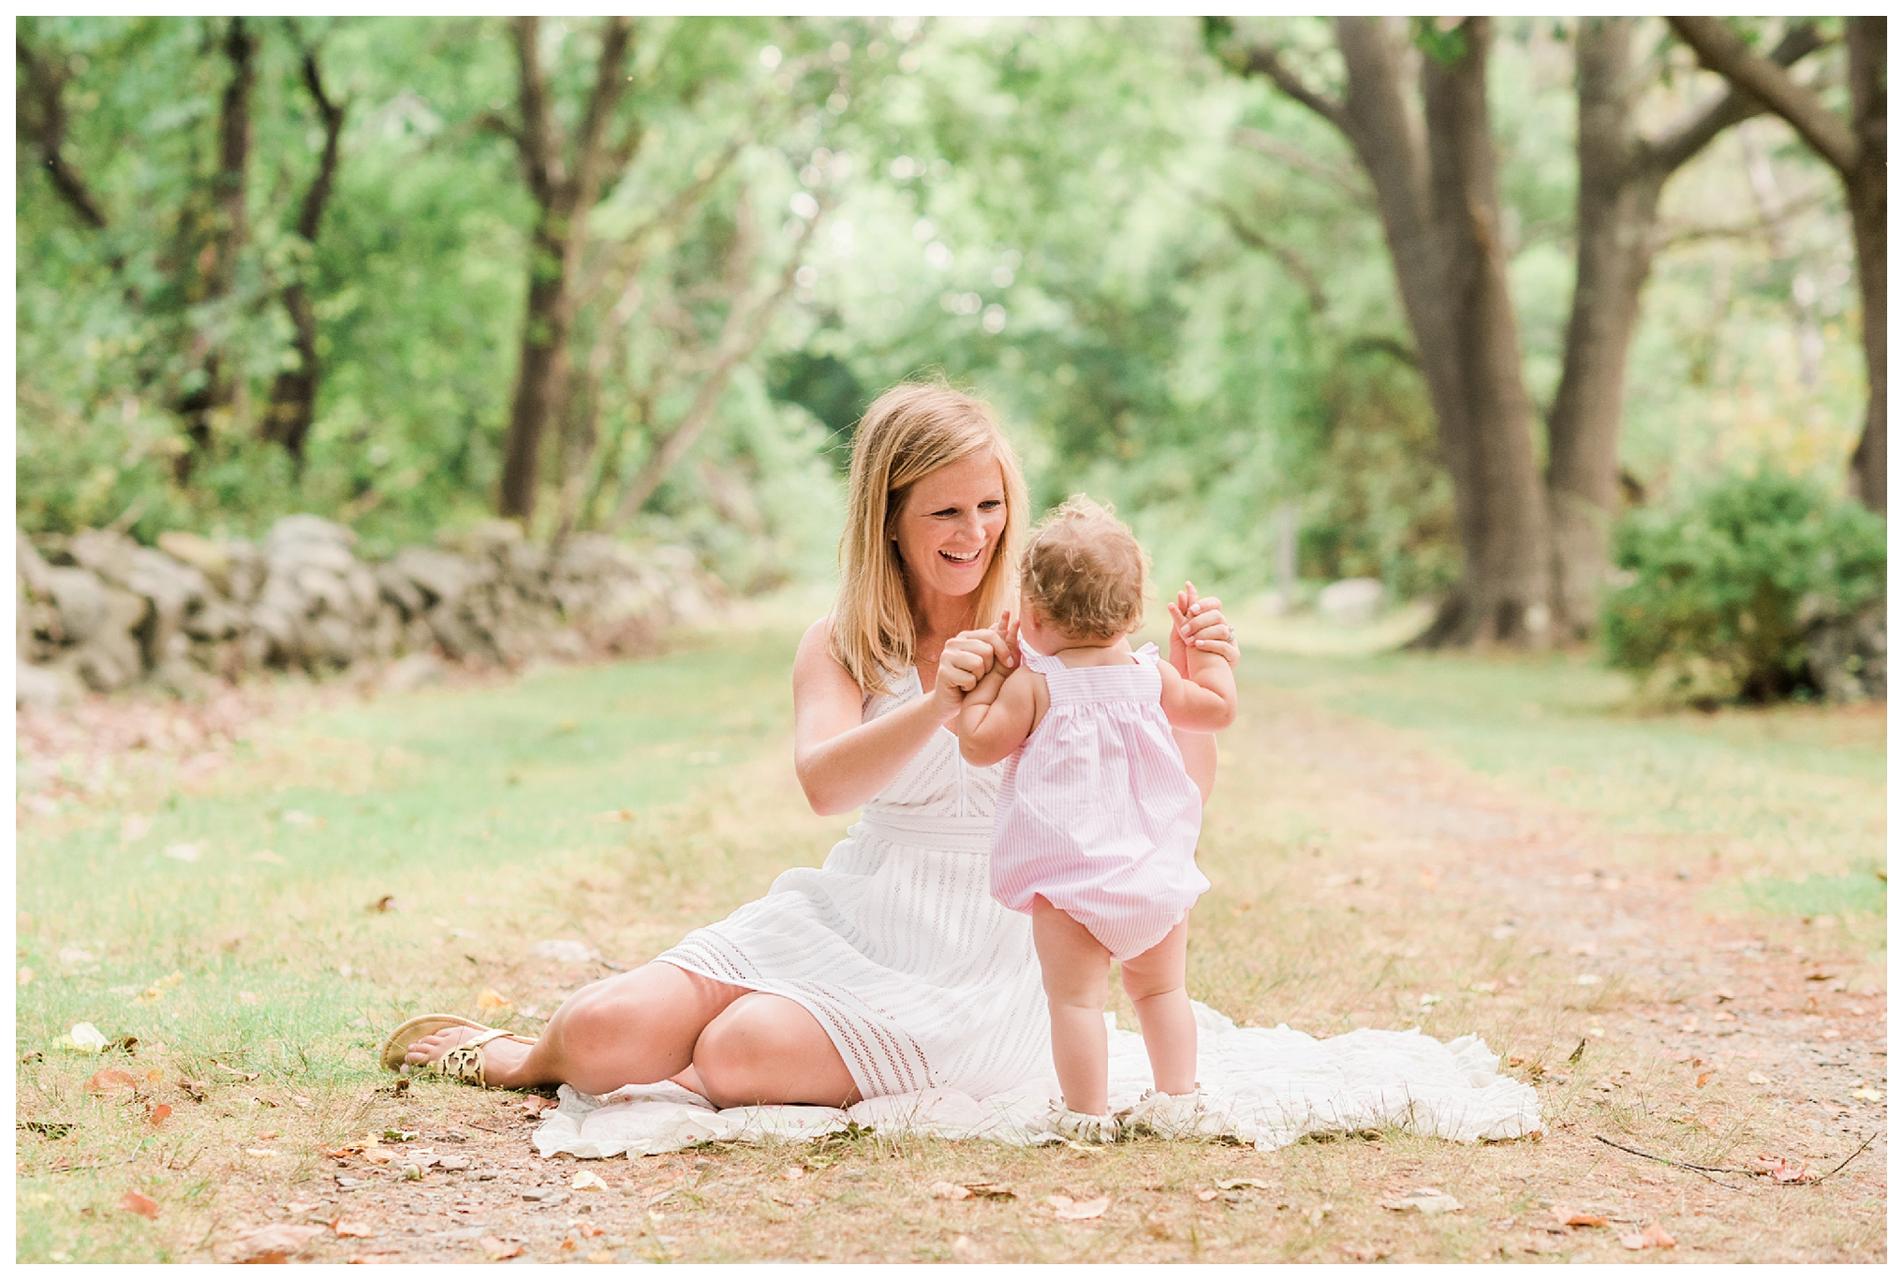 Family-Photographer-Sweet-Light-Portraits21.jpg